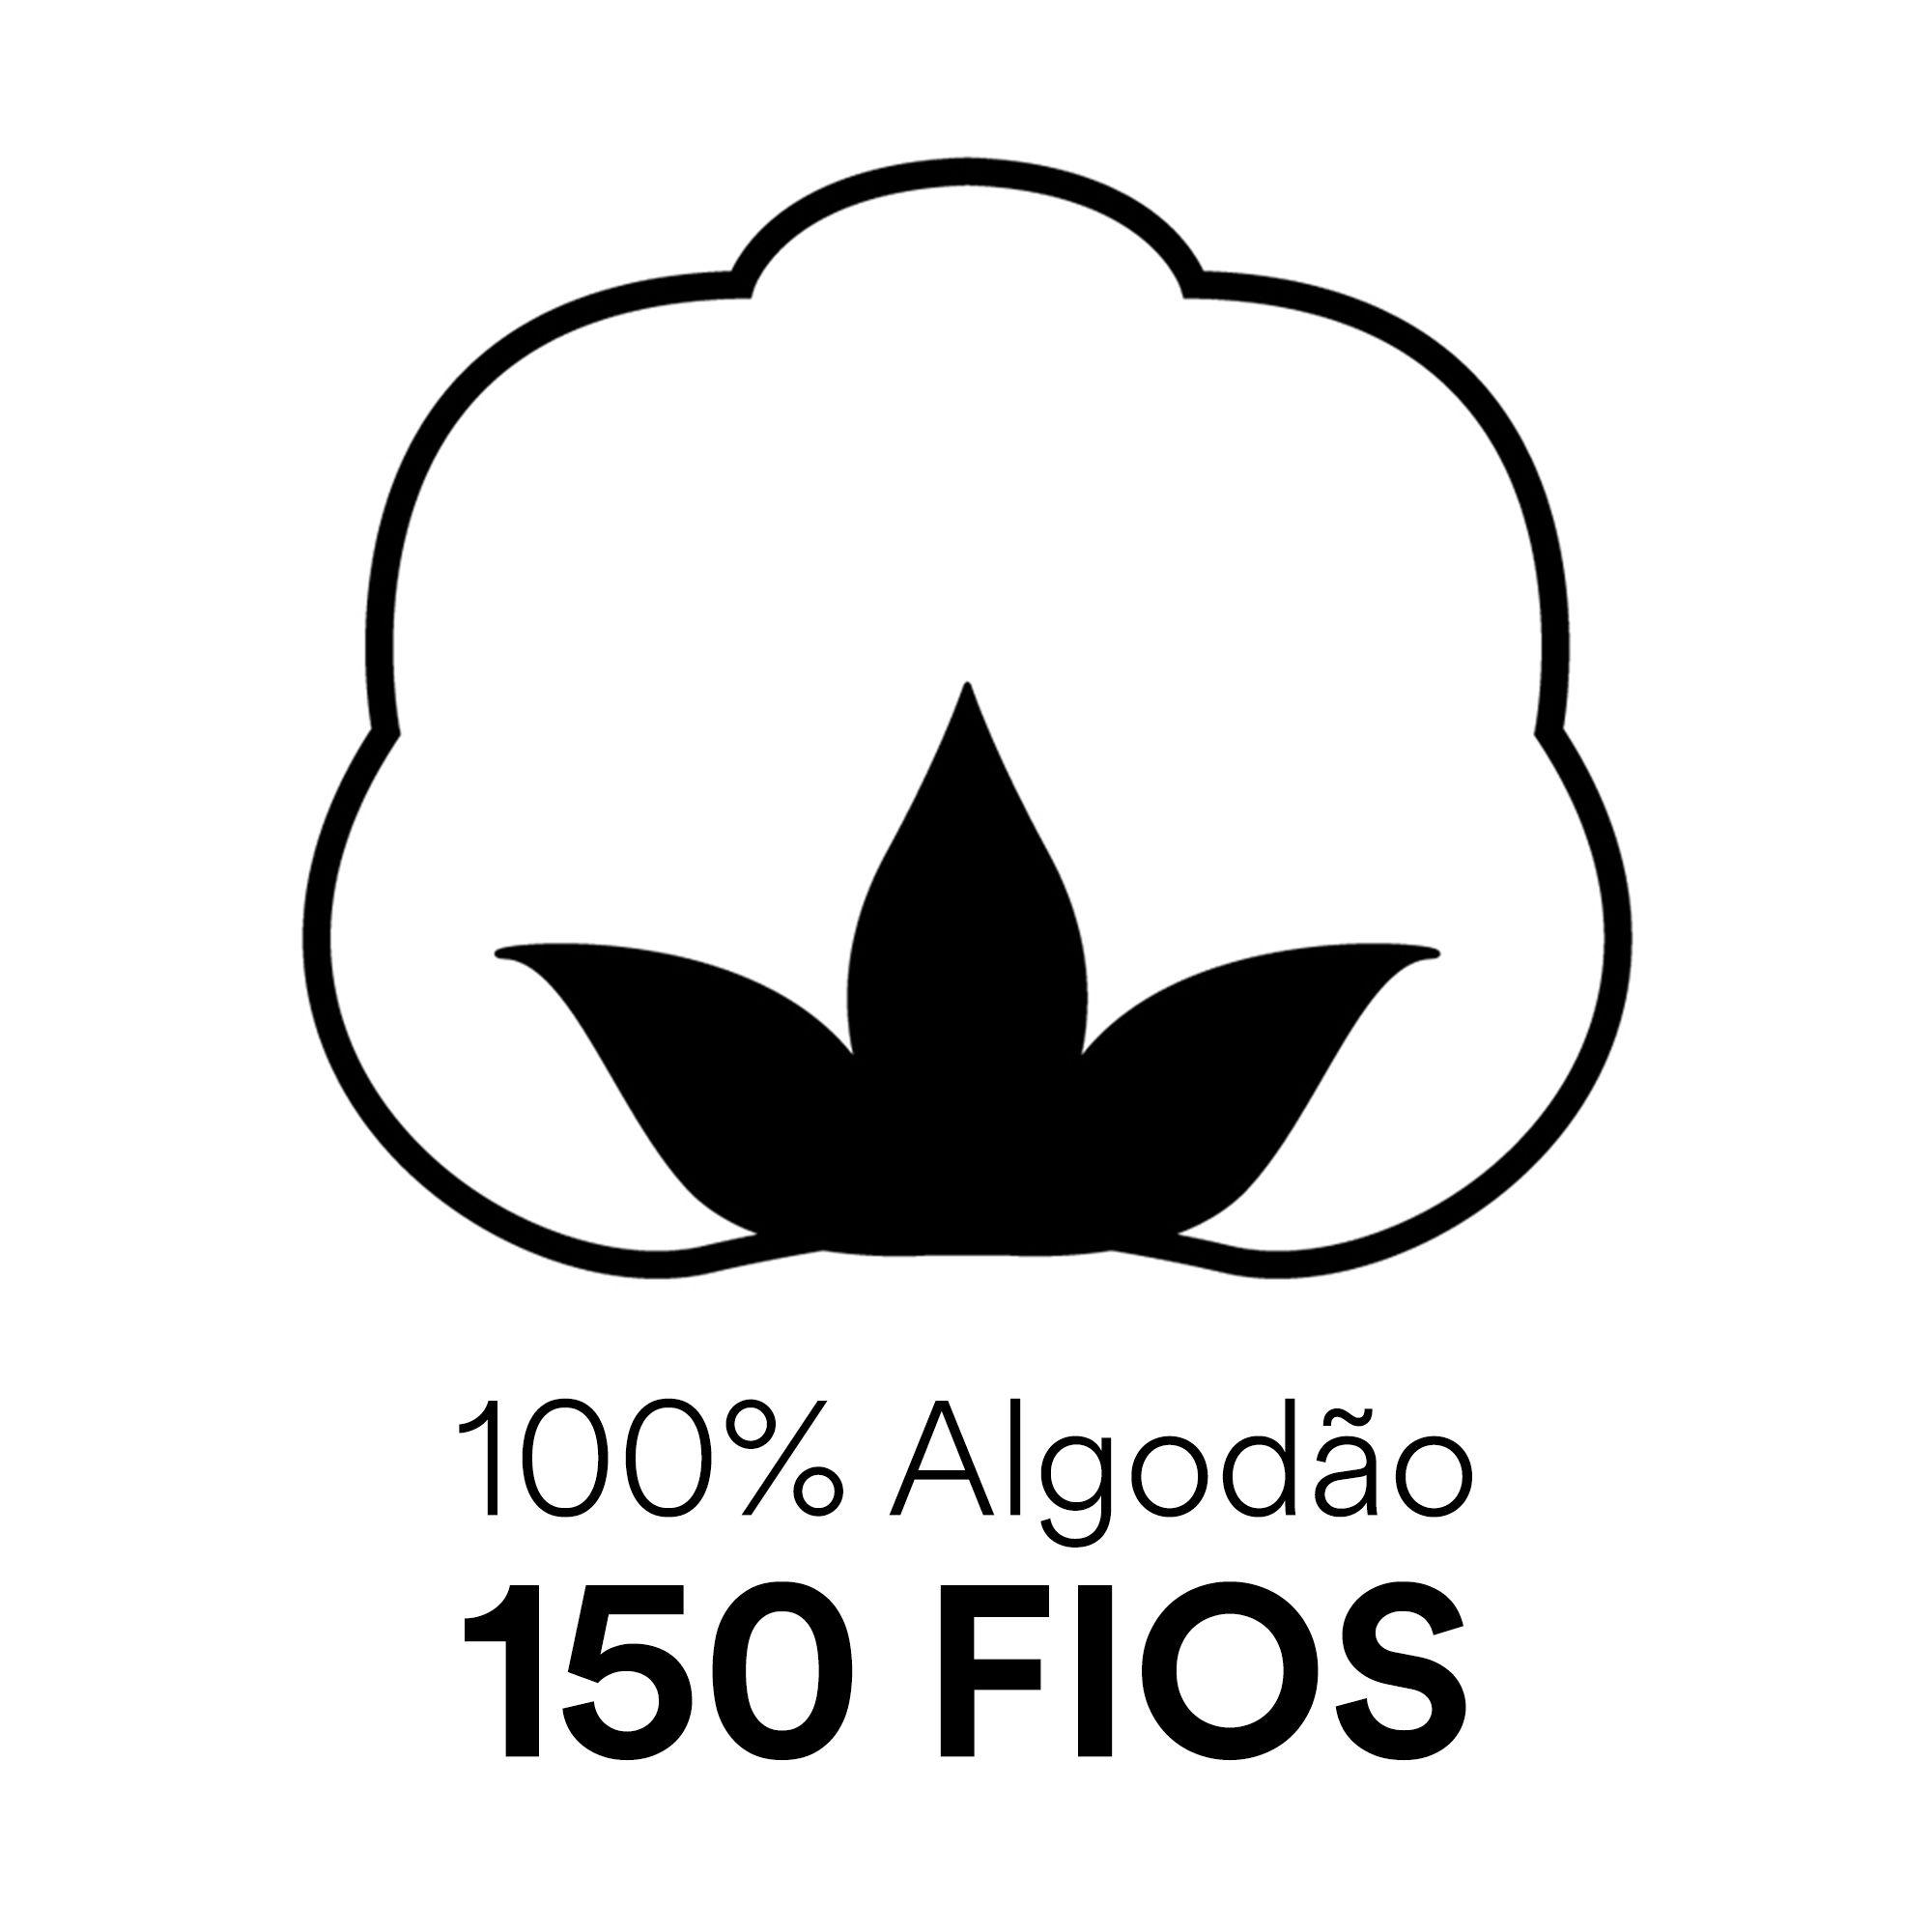 Jogo de Cama Solteiro 100% Algodão Extra Macio 3 peças Verde Animais Criança Educativo